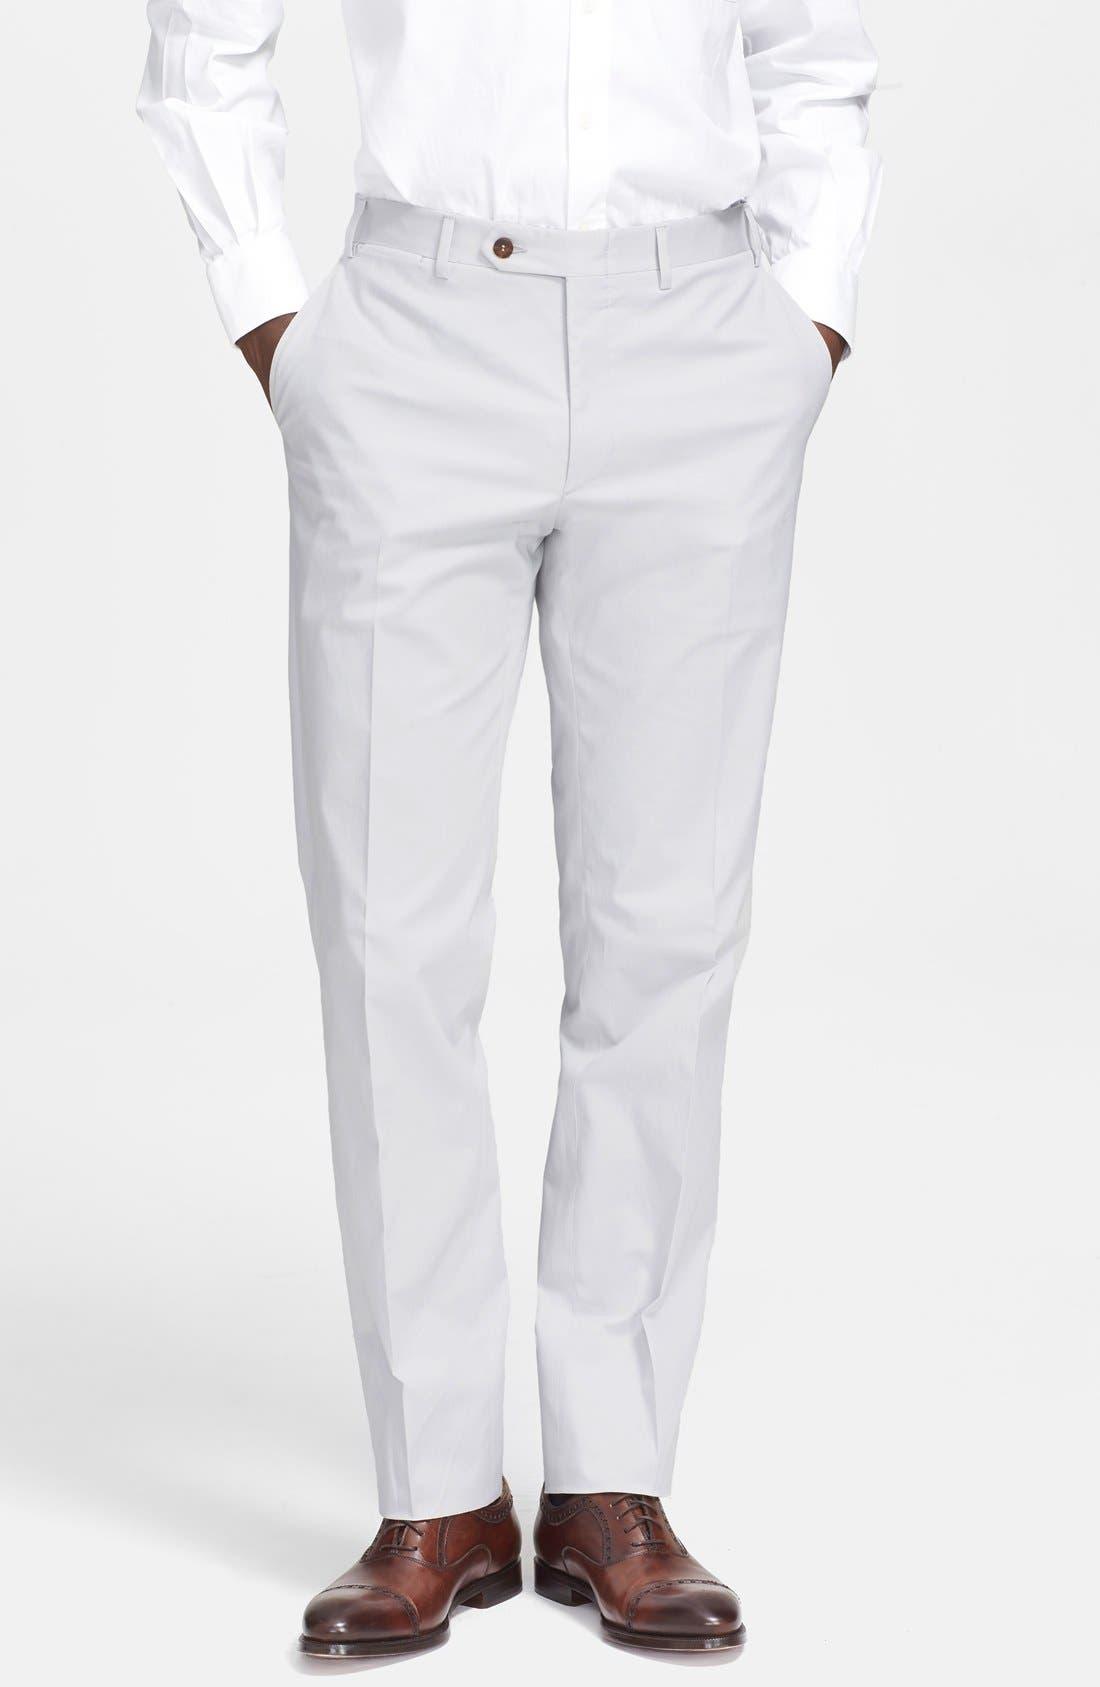 Flat Front Cotton Blend Trousers, Main, color, 020